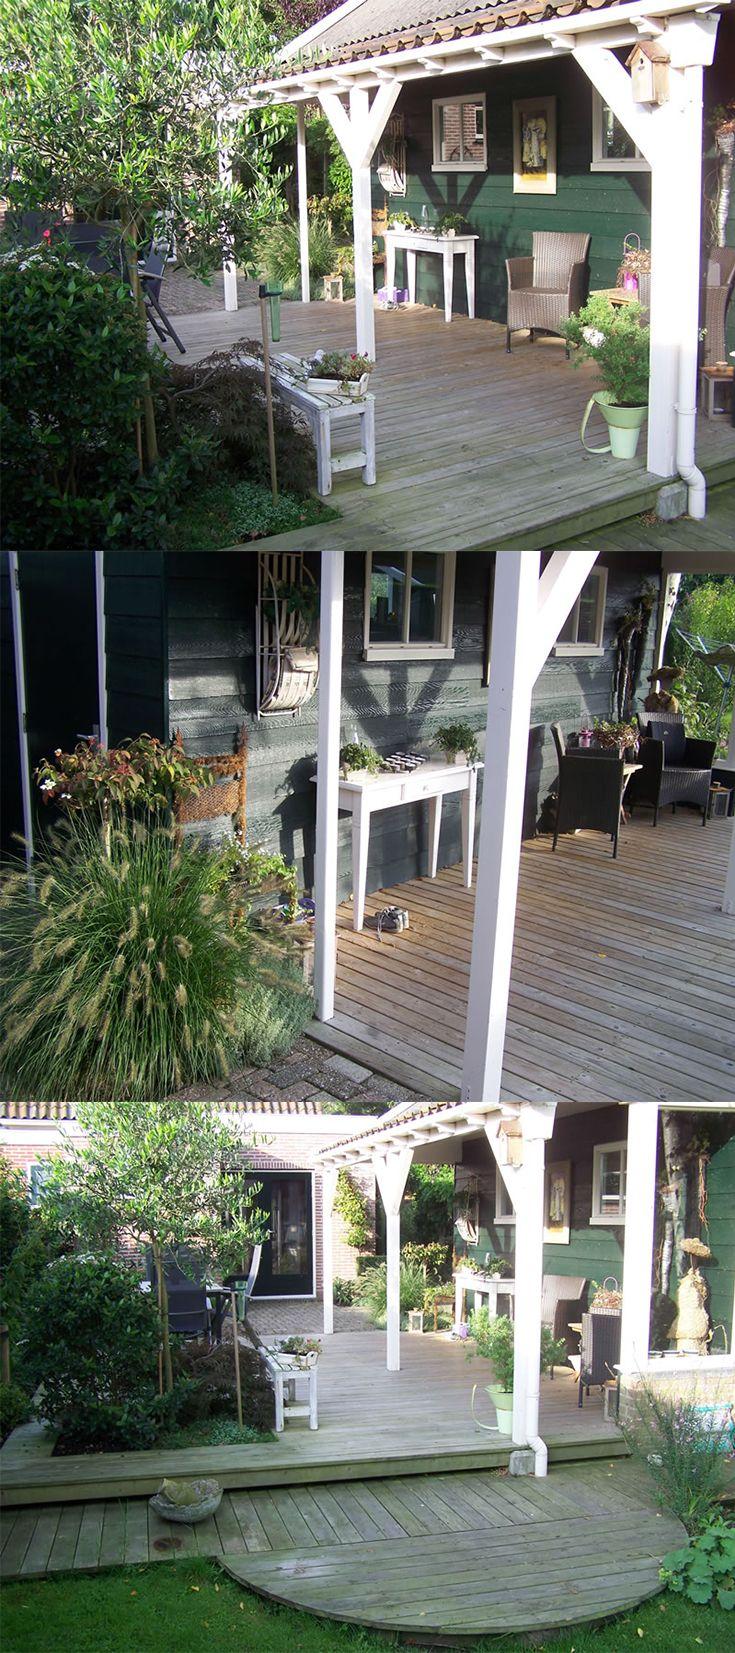 Tuinaanleg landelijke overkapping terras met houten vlonders inclusief tuinmeubelen aangelegd - Terras houten pergola ...